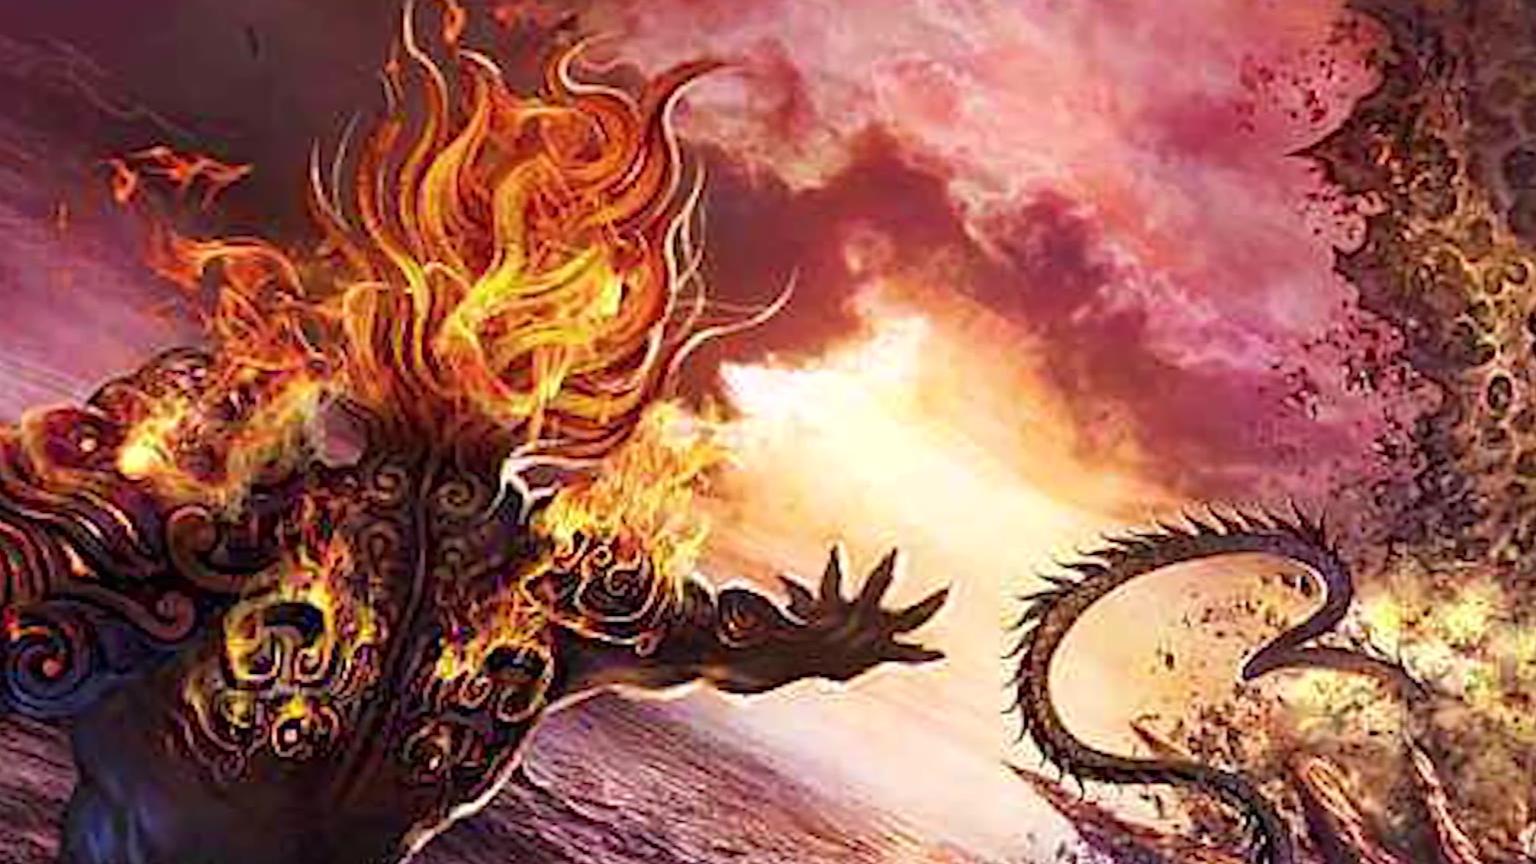 上古神话05——史前大洪水的罪魁祸首是共工和颛顼